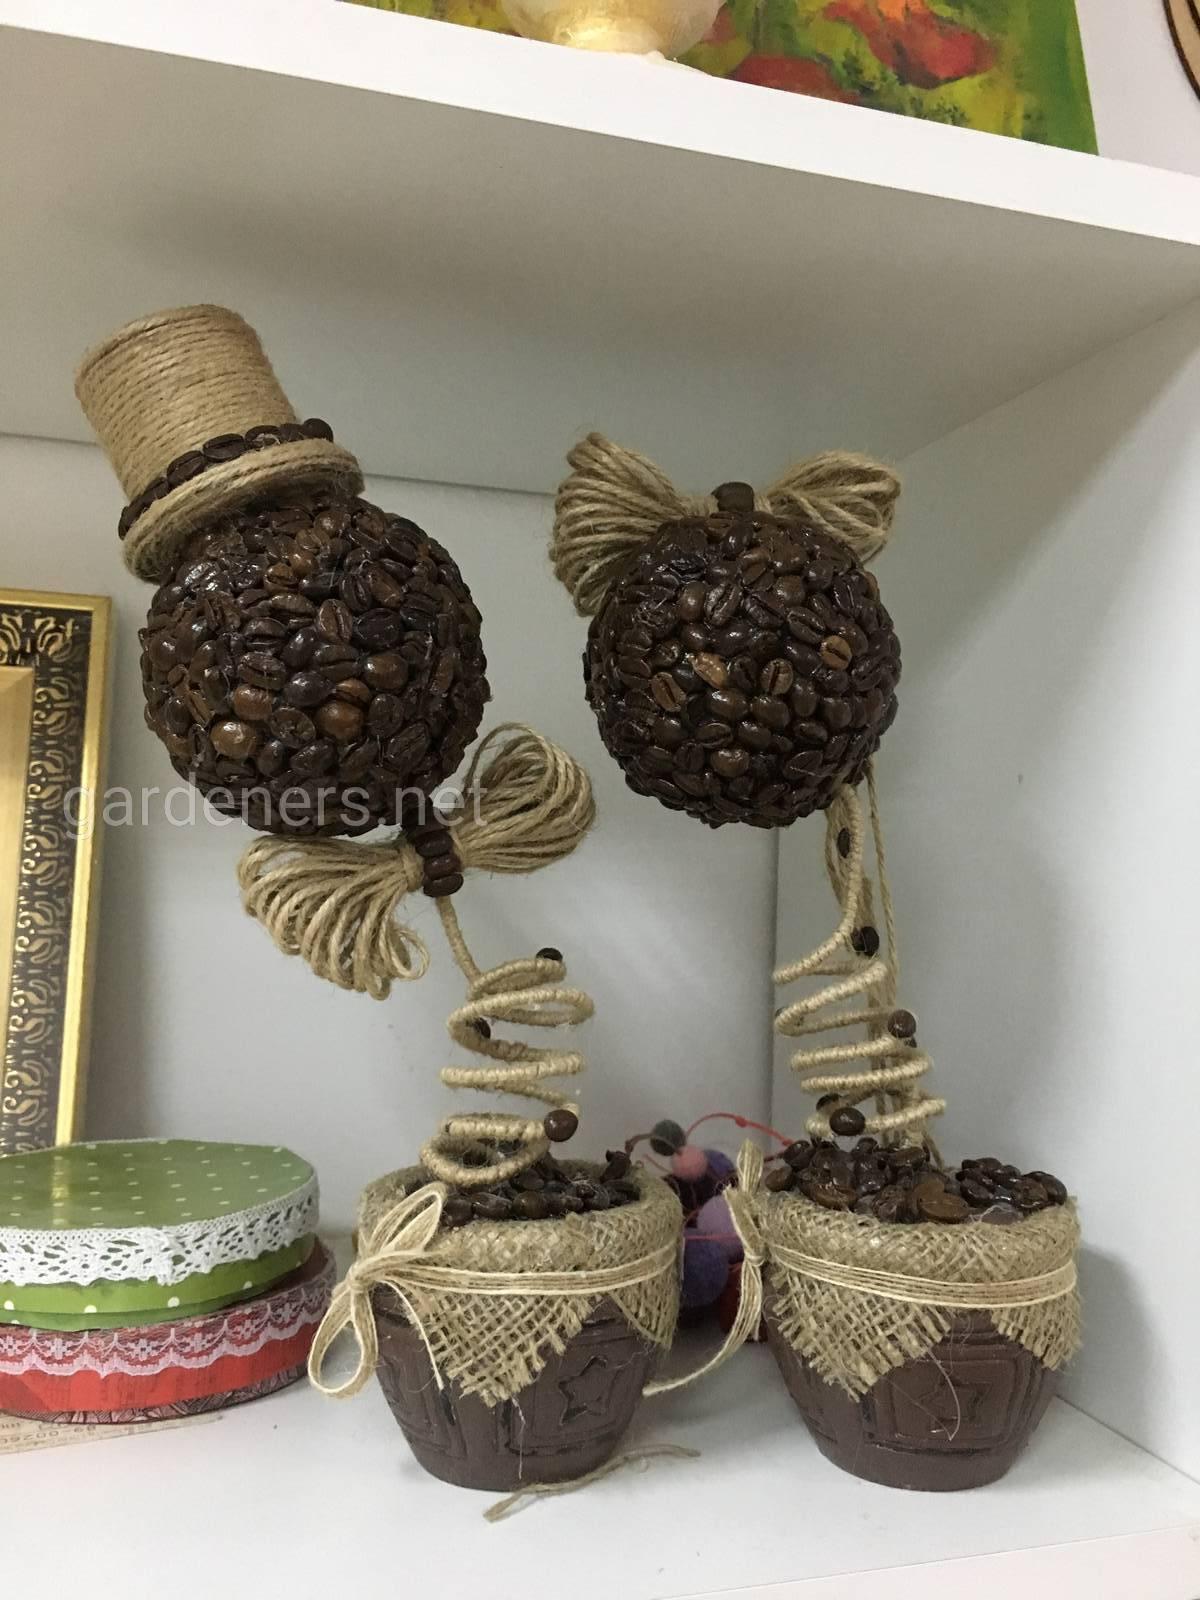 Варианты использования кофе для декора Handmade